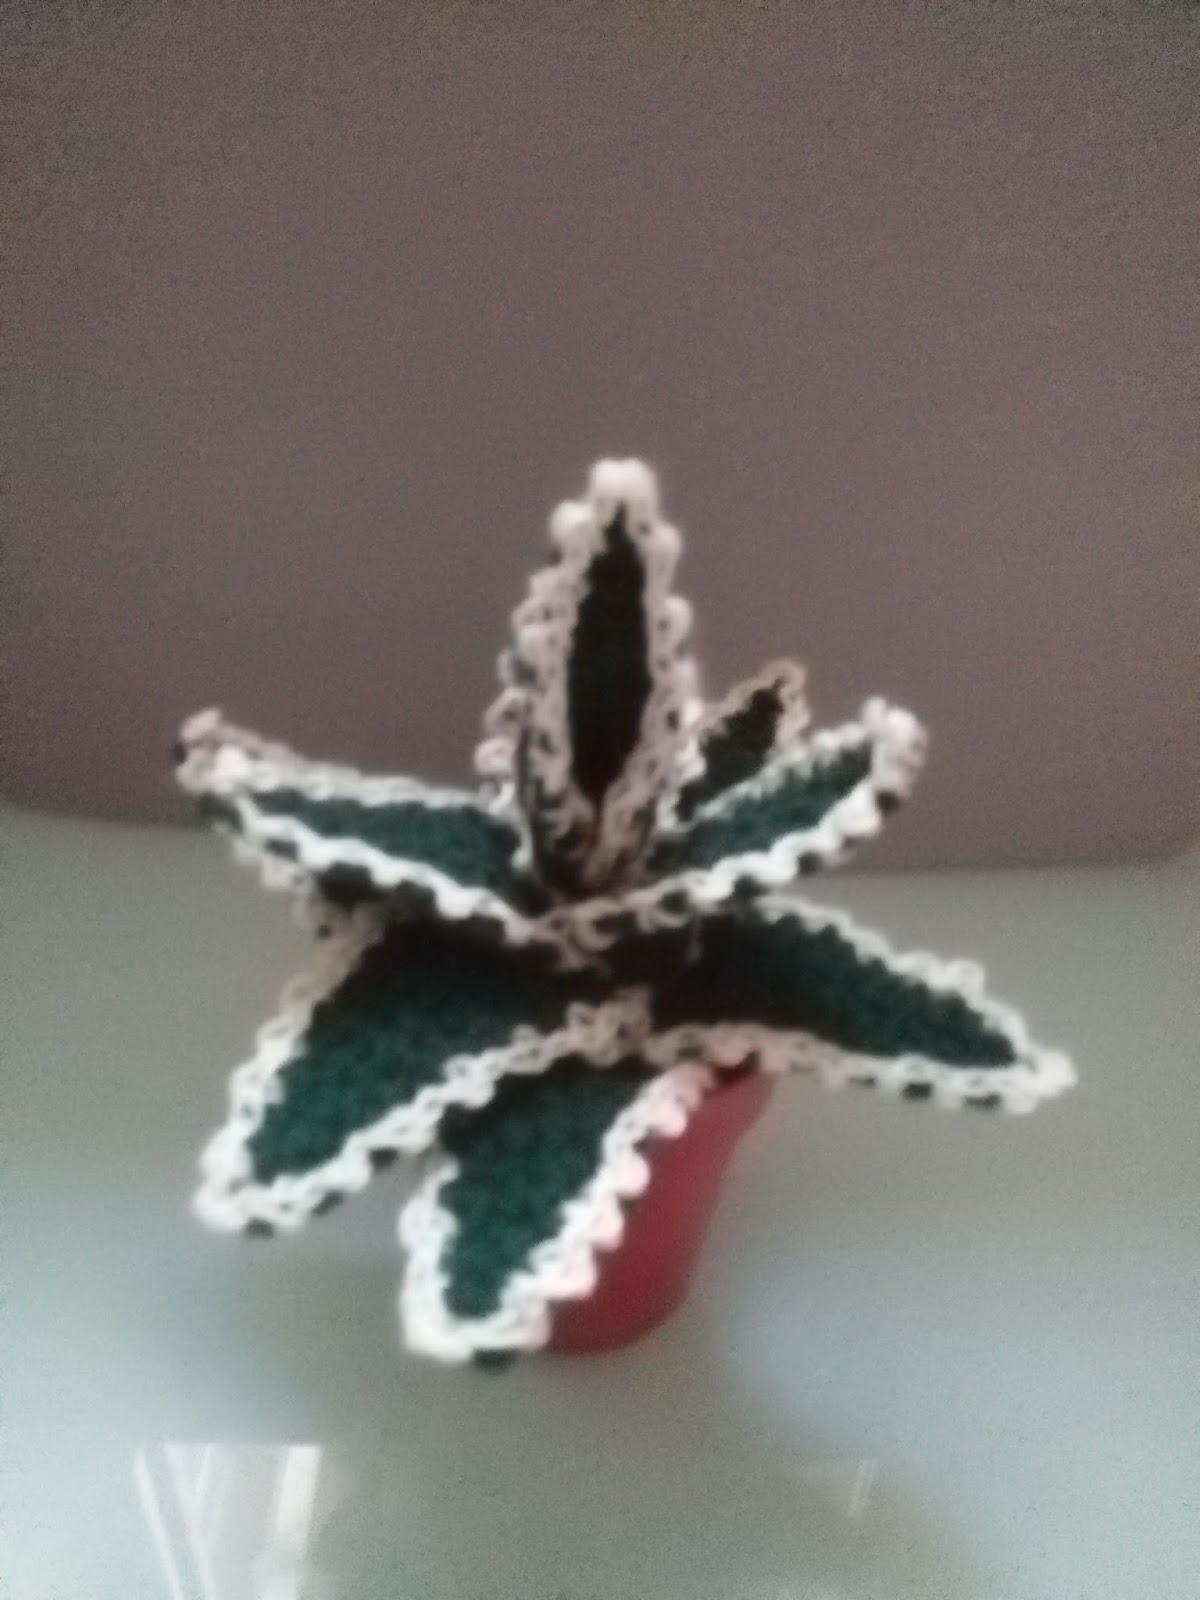 Cactus redondo tejido en crochet (amigurumi) - YouTube | 1600x1200